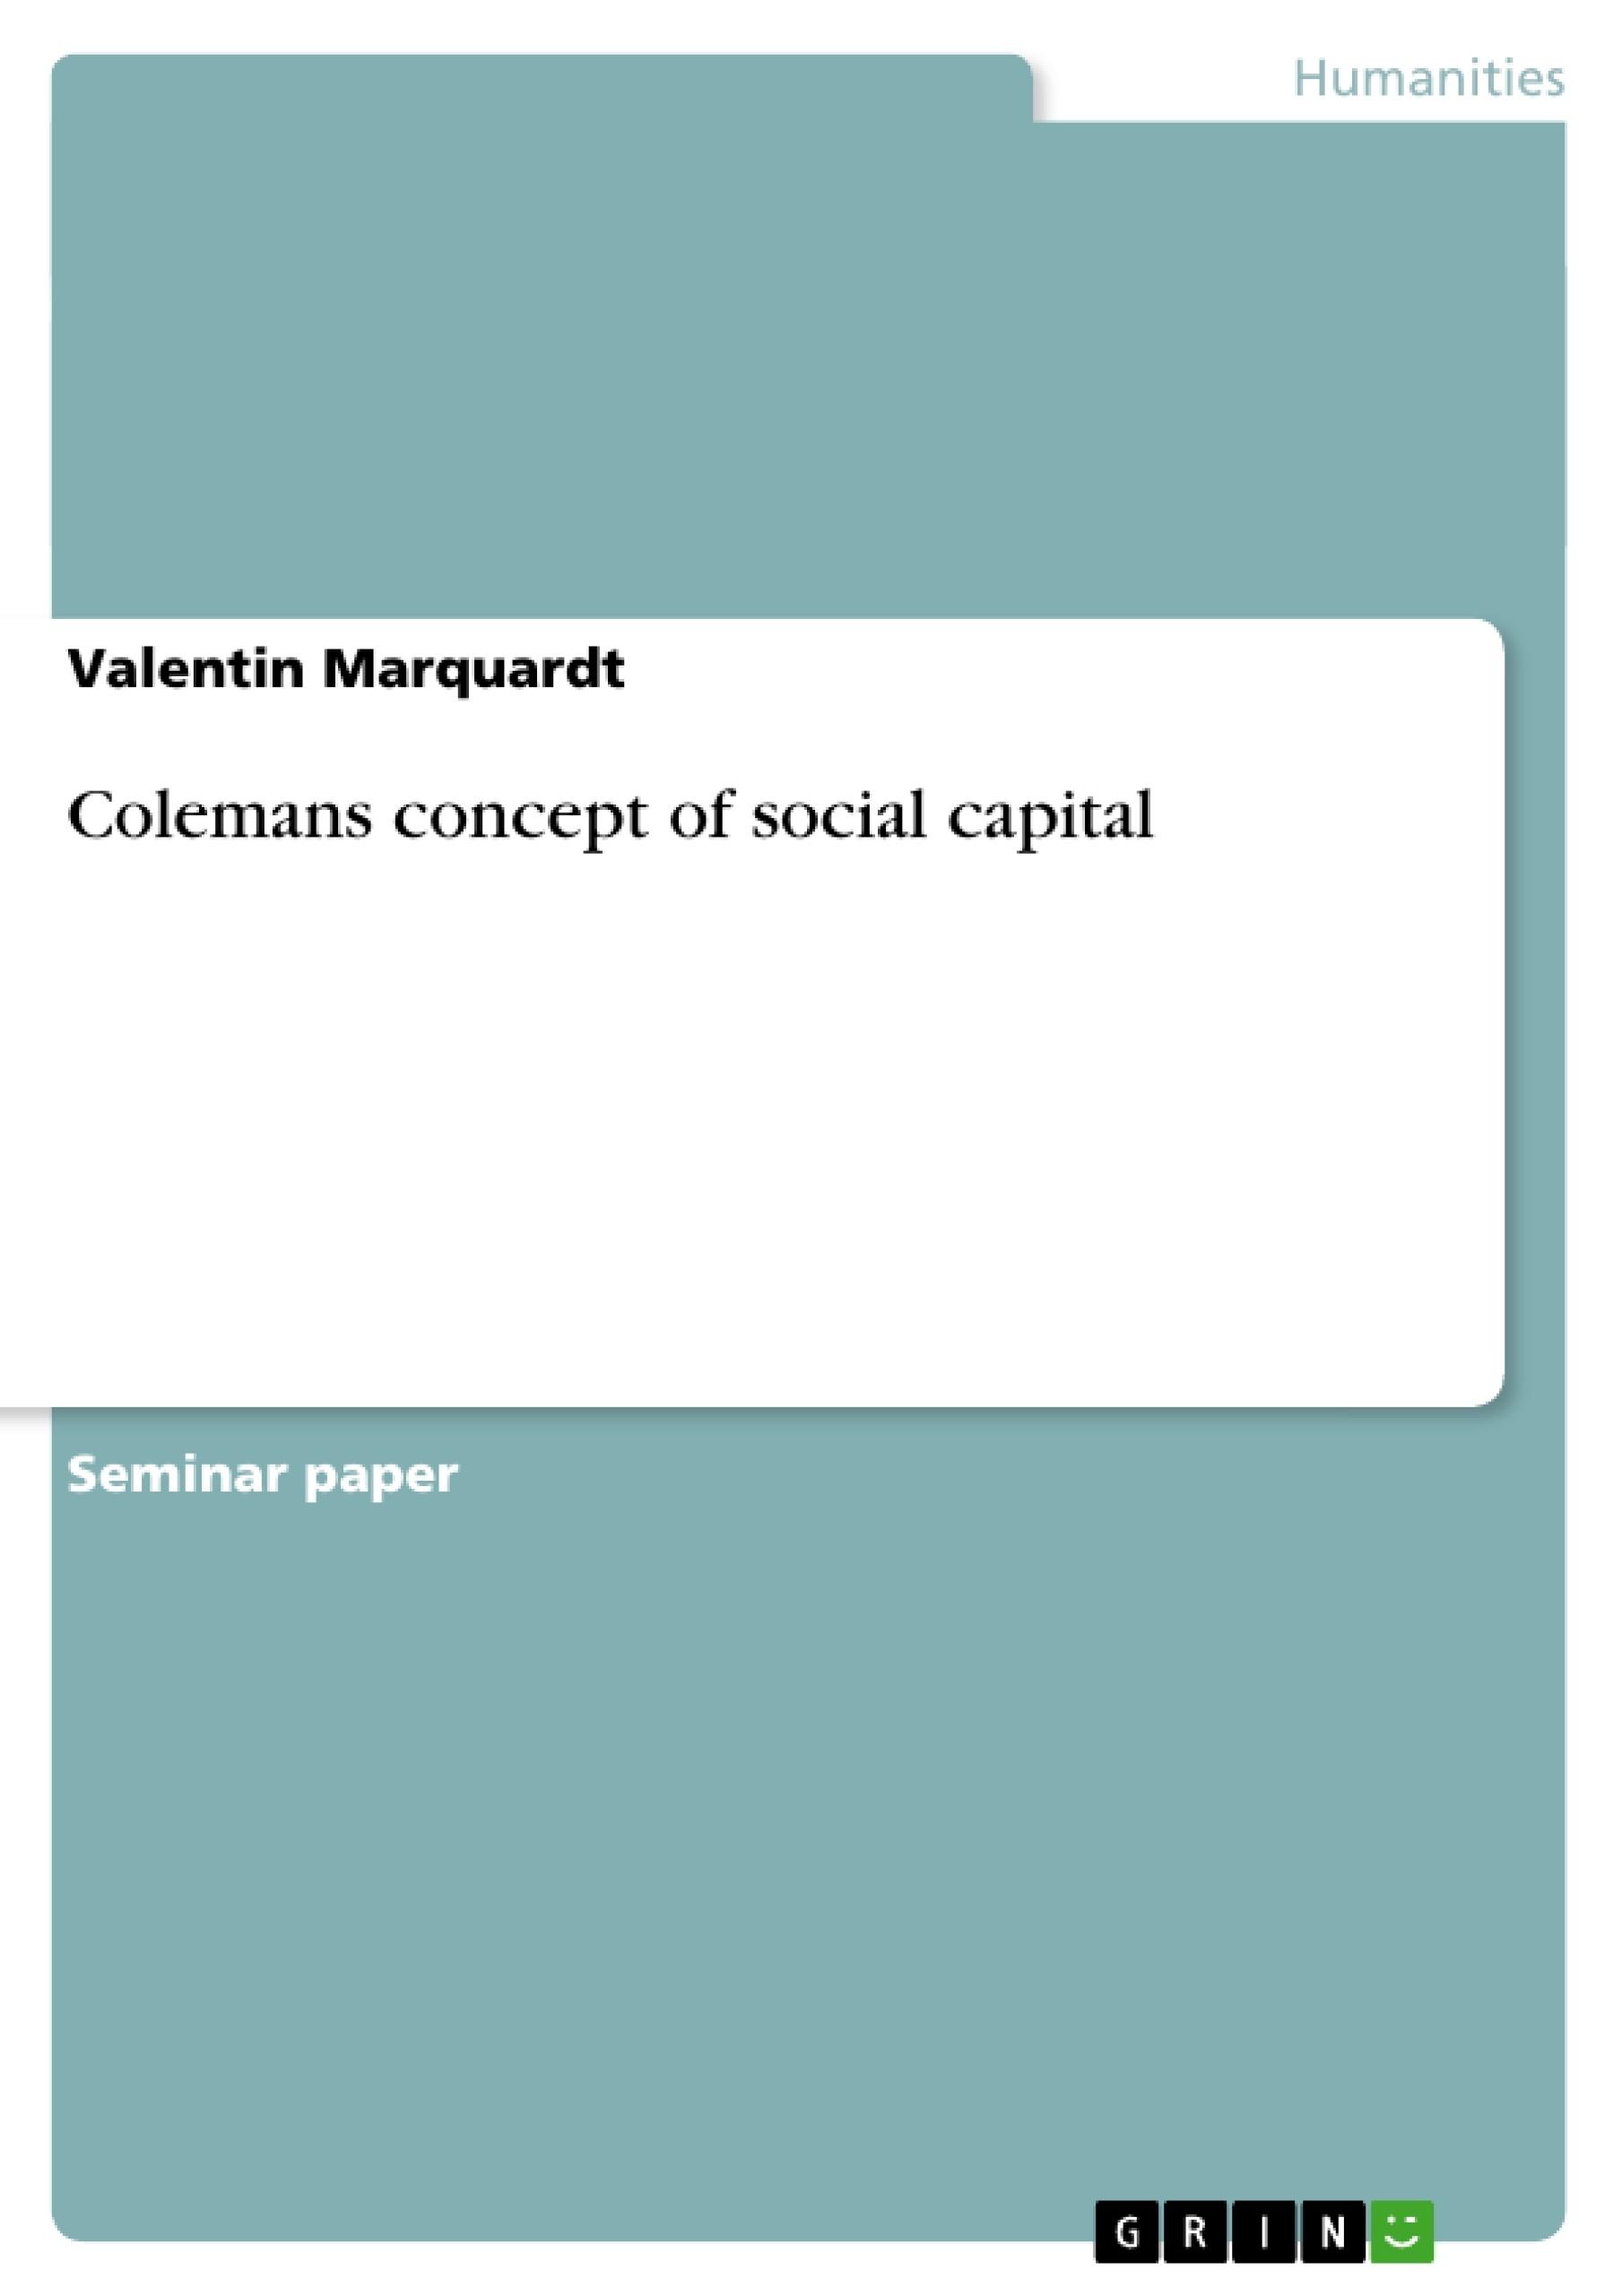 Title: Colemans concept of social capital